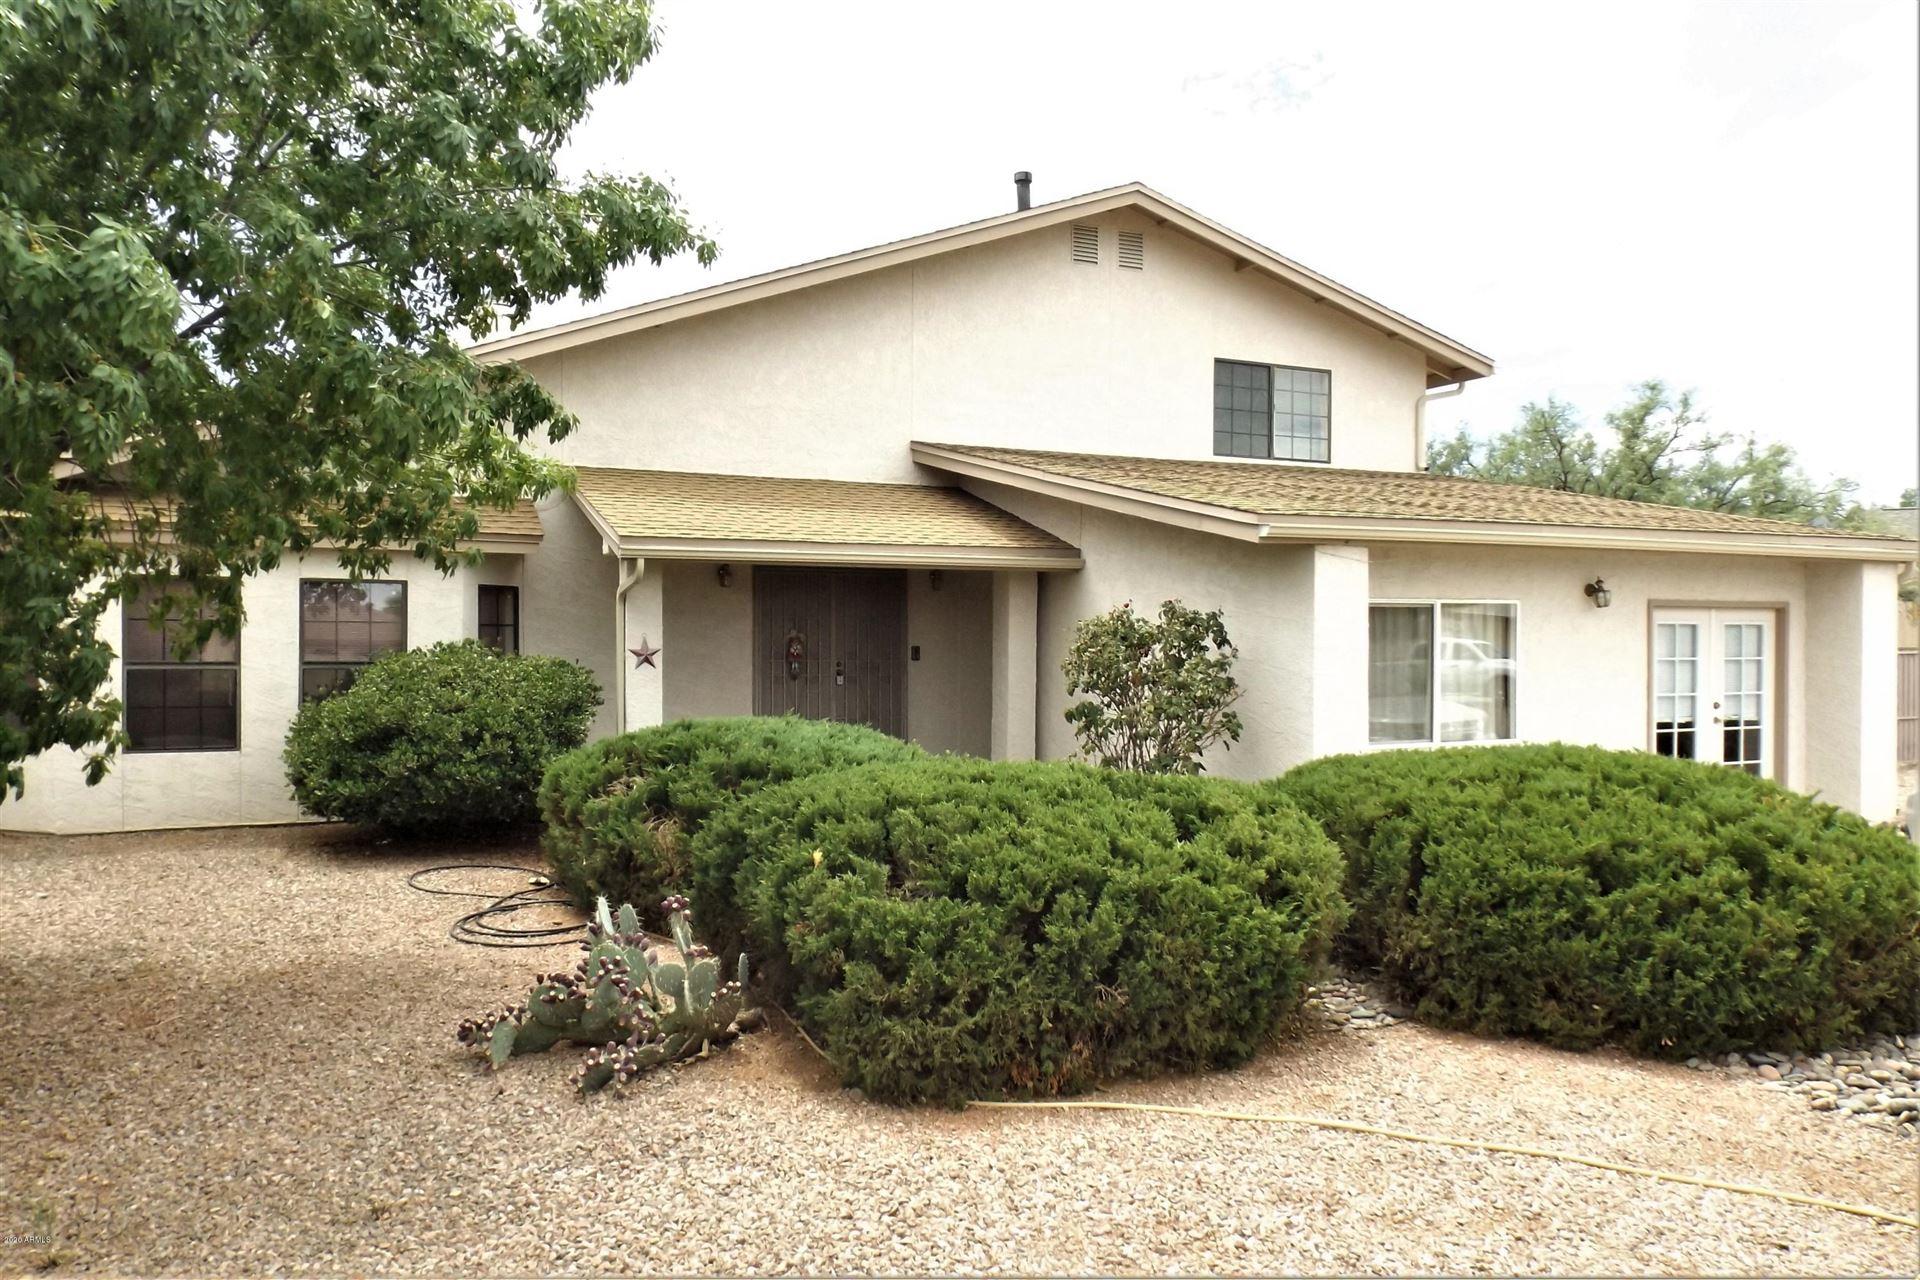 3718 ELDER Court, Sierra Vista, AZ 85650 - #: 6062713